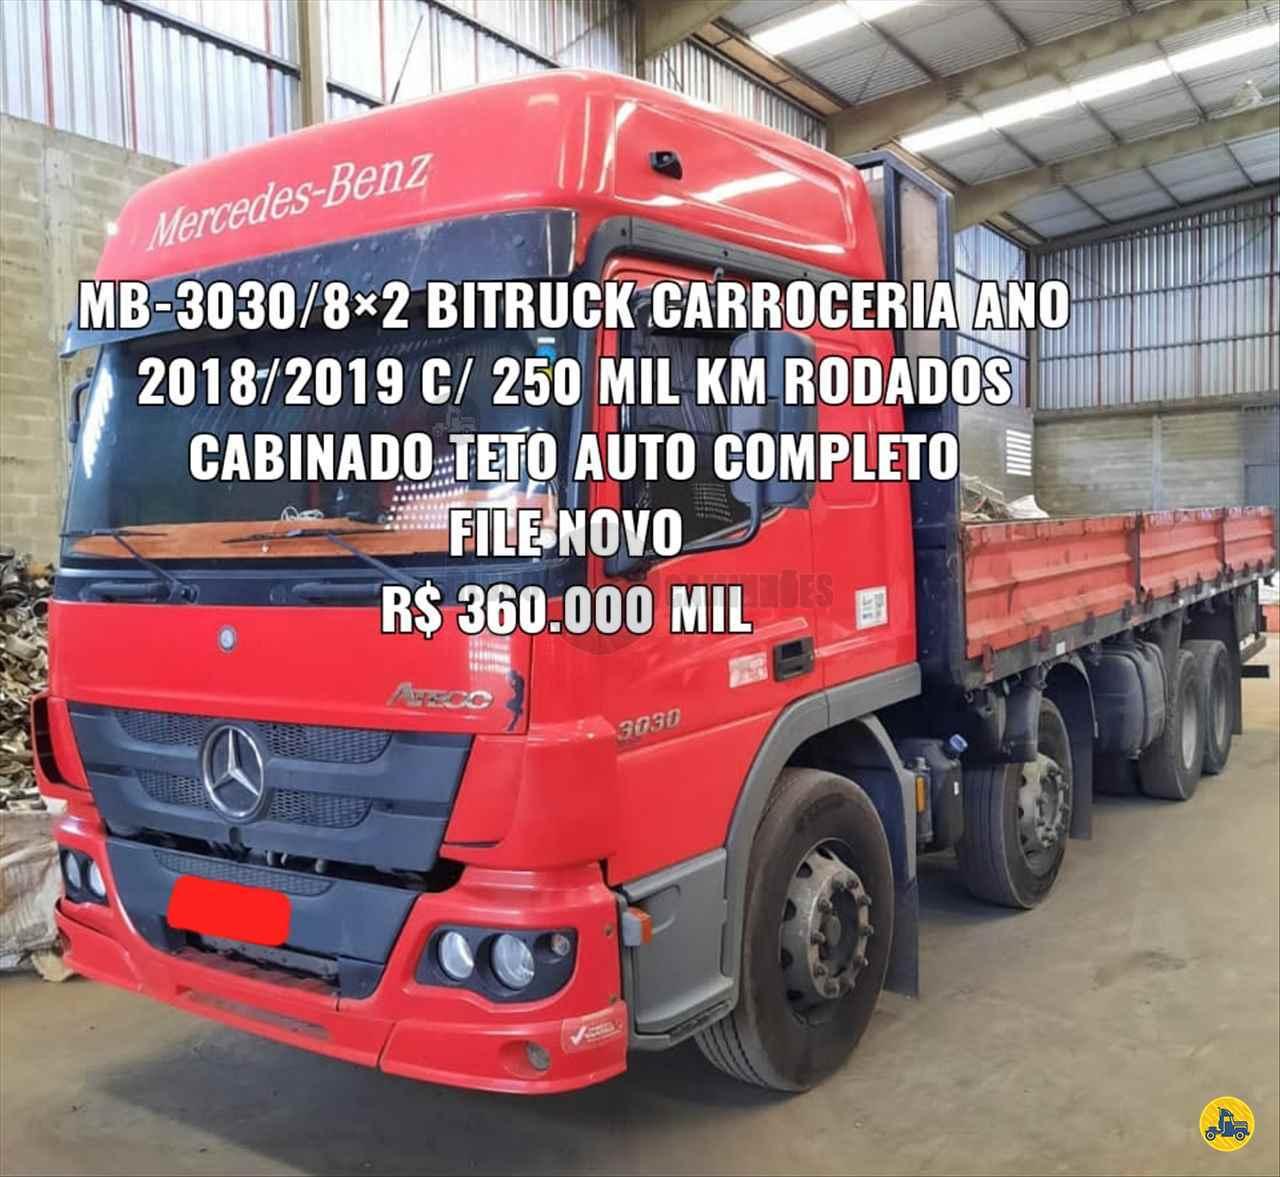 CAMINHAO MERCEDES-BENZ MB 3030 Cavalo Mecânico BiTruck 8x2 Globo Caminhões Helio Maringá MARINGA PARANÁ PR